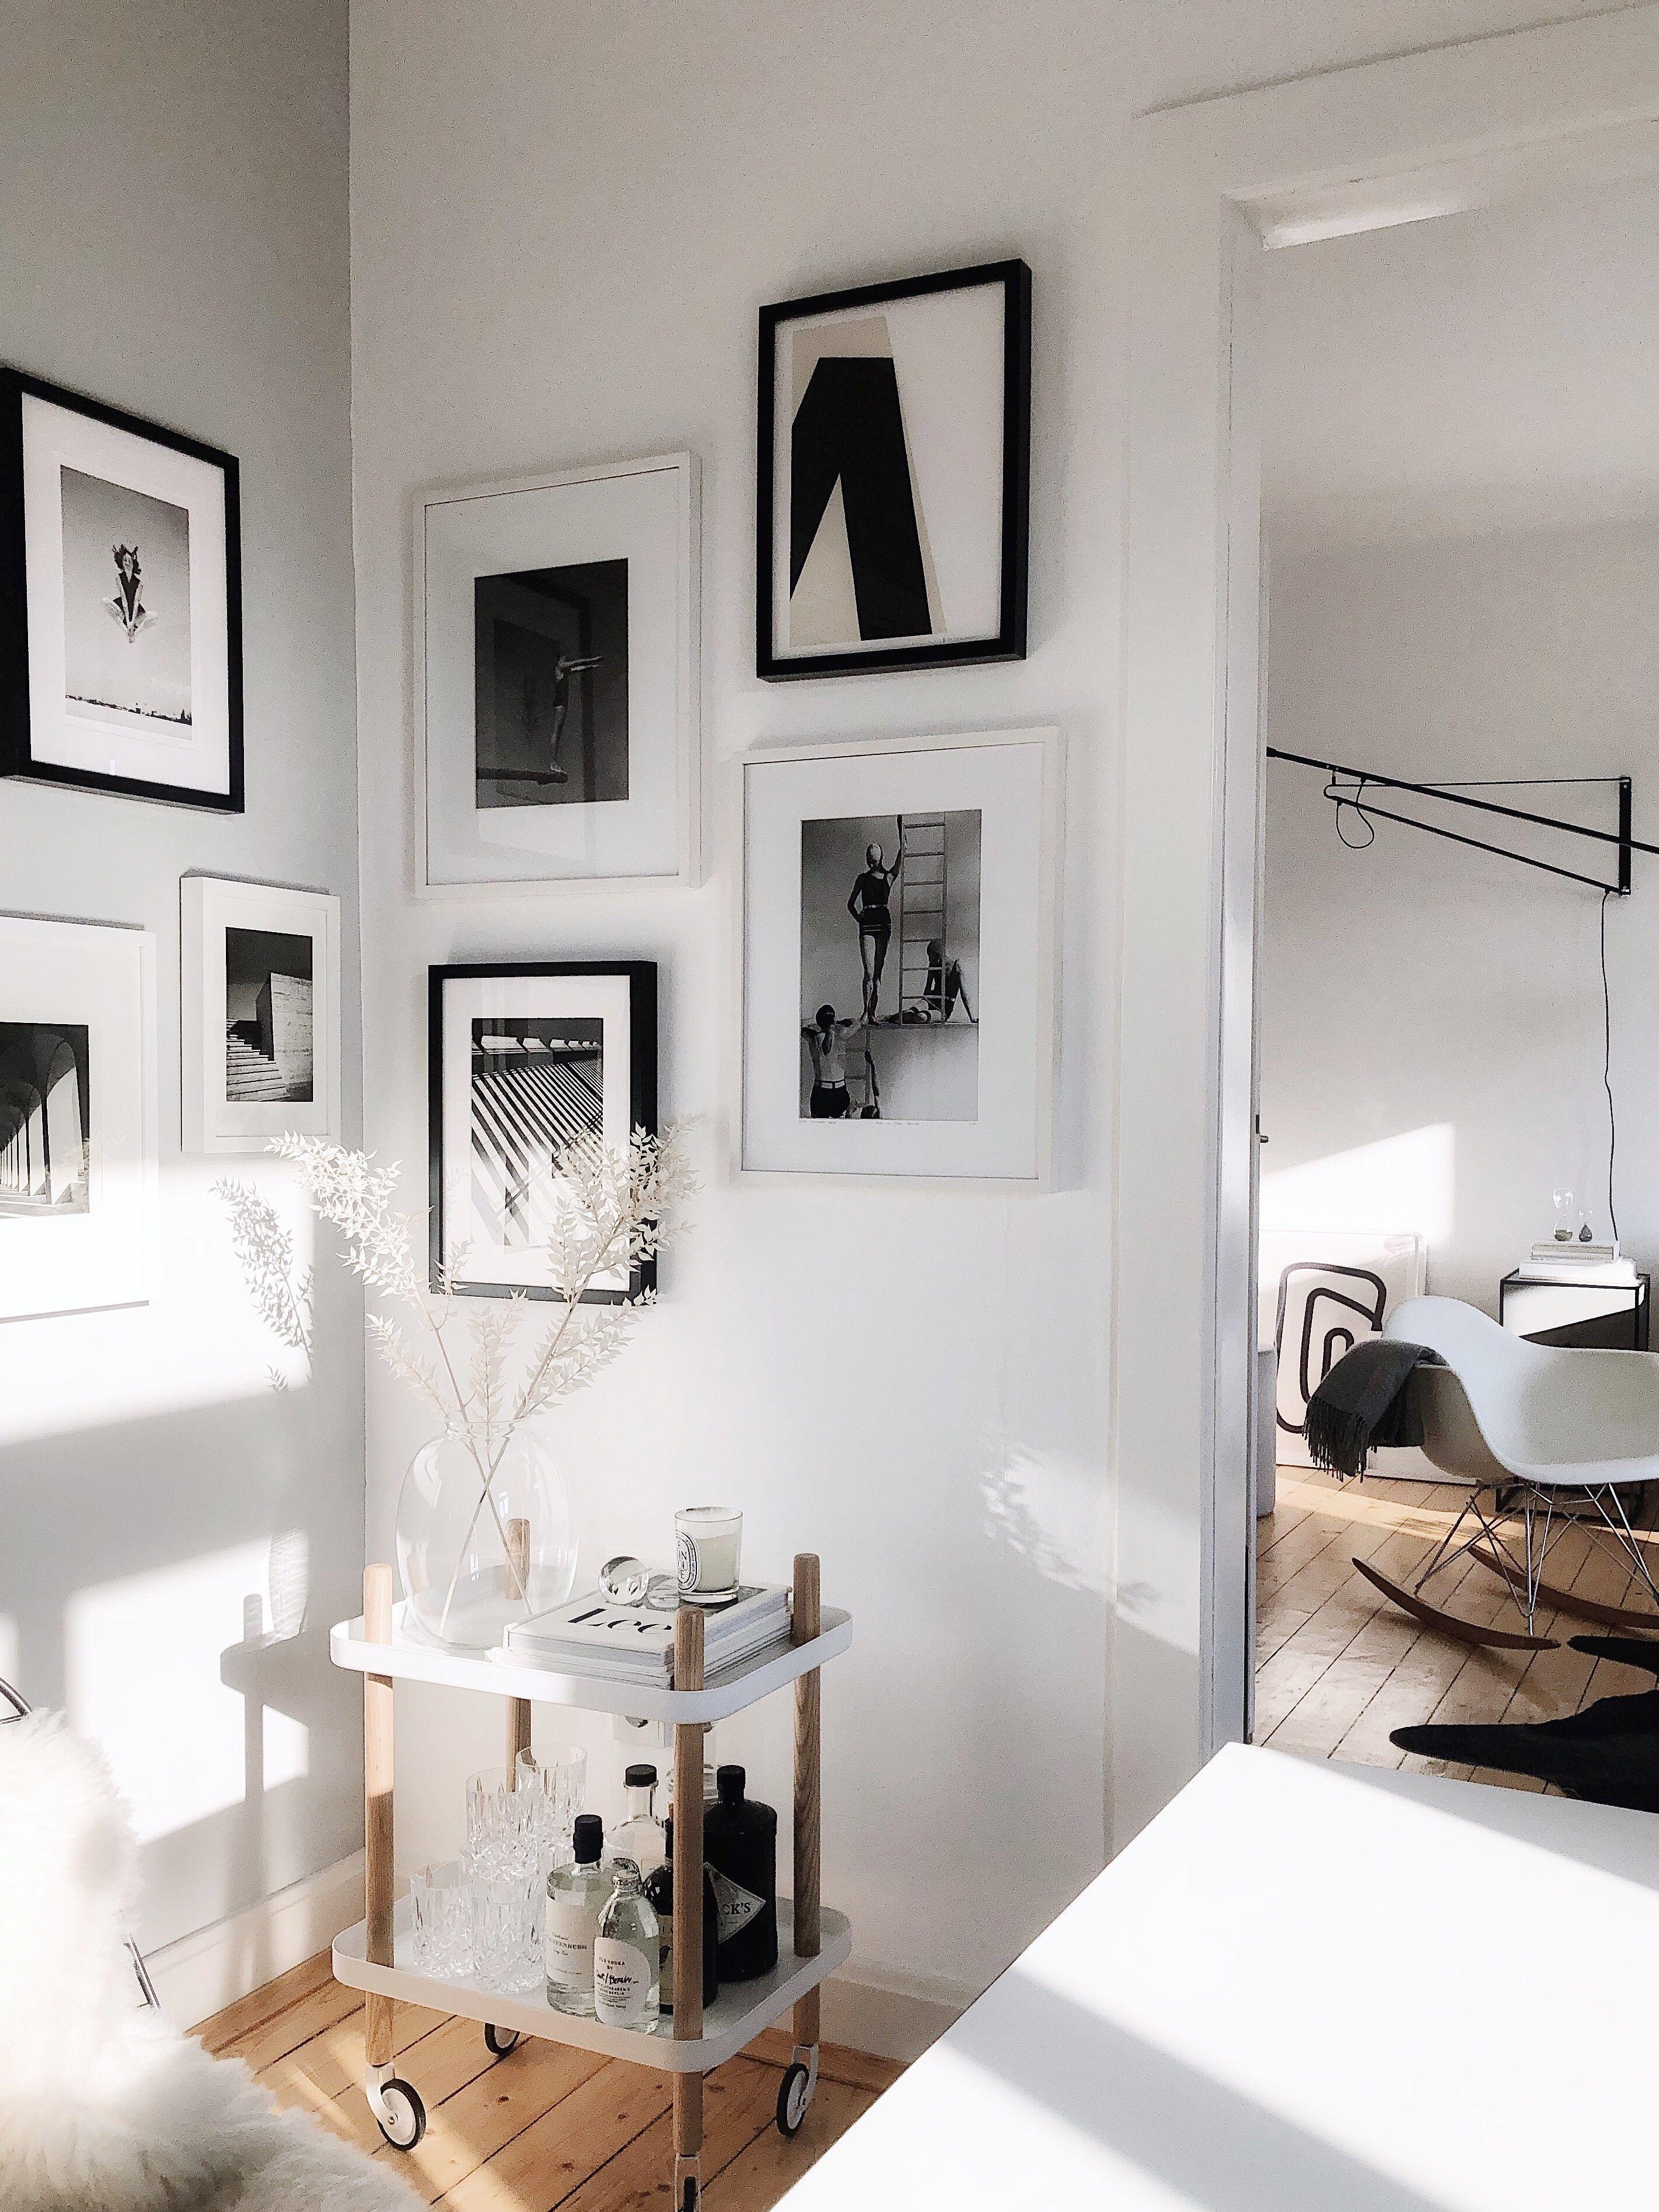 Bilder Aufhängen So Geht S Richtig Connox Magazine Bilder Aufhängen Wohnung Gestalten Altbau Wohnzimmer